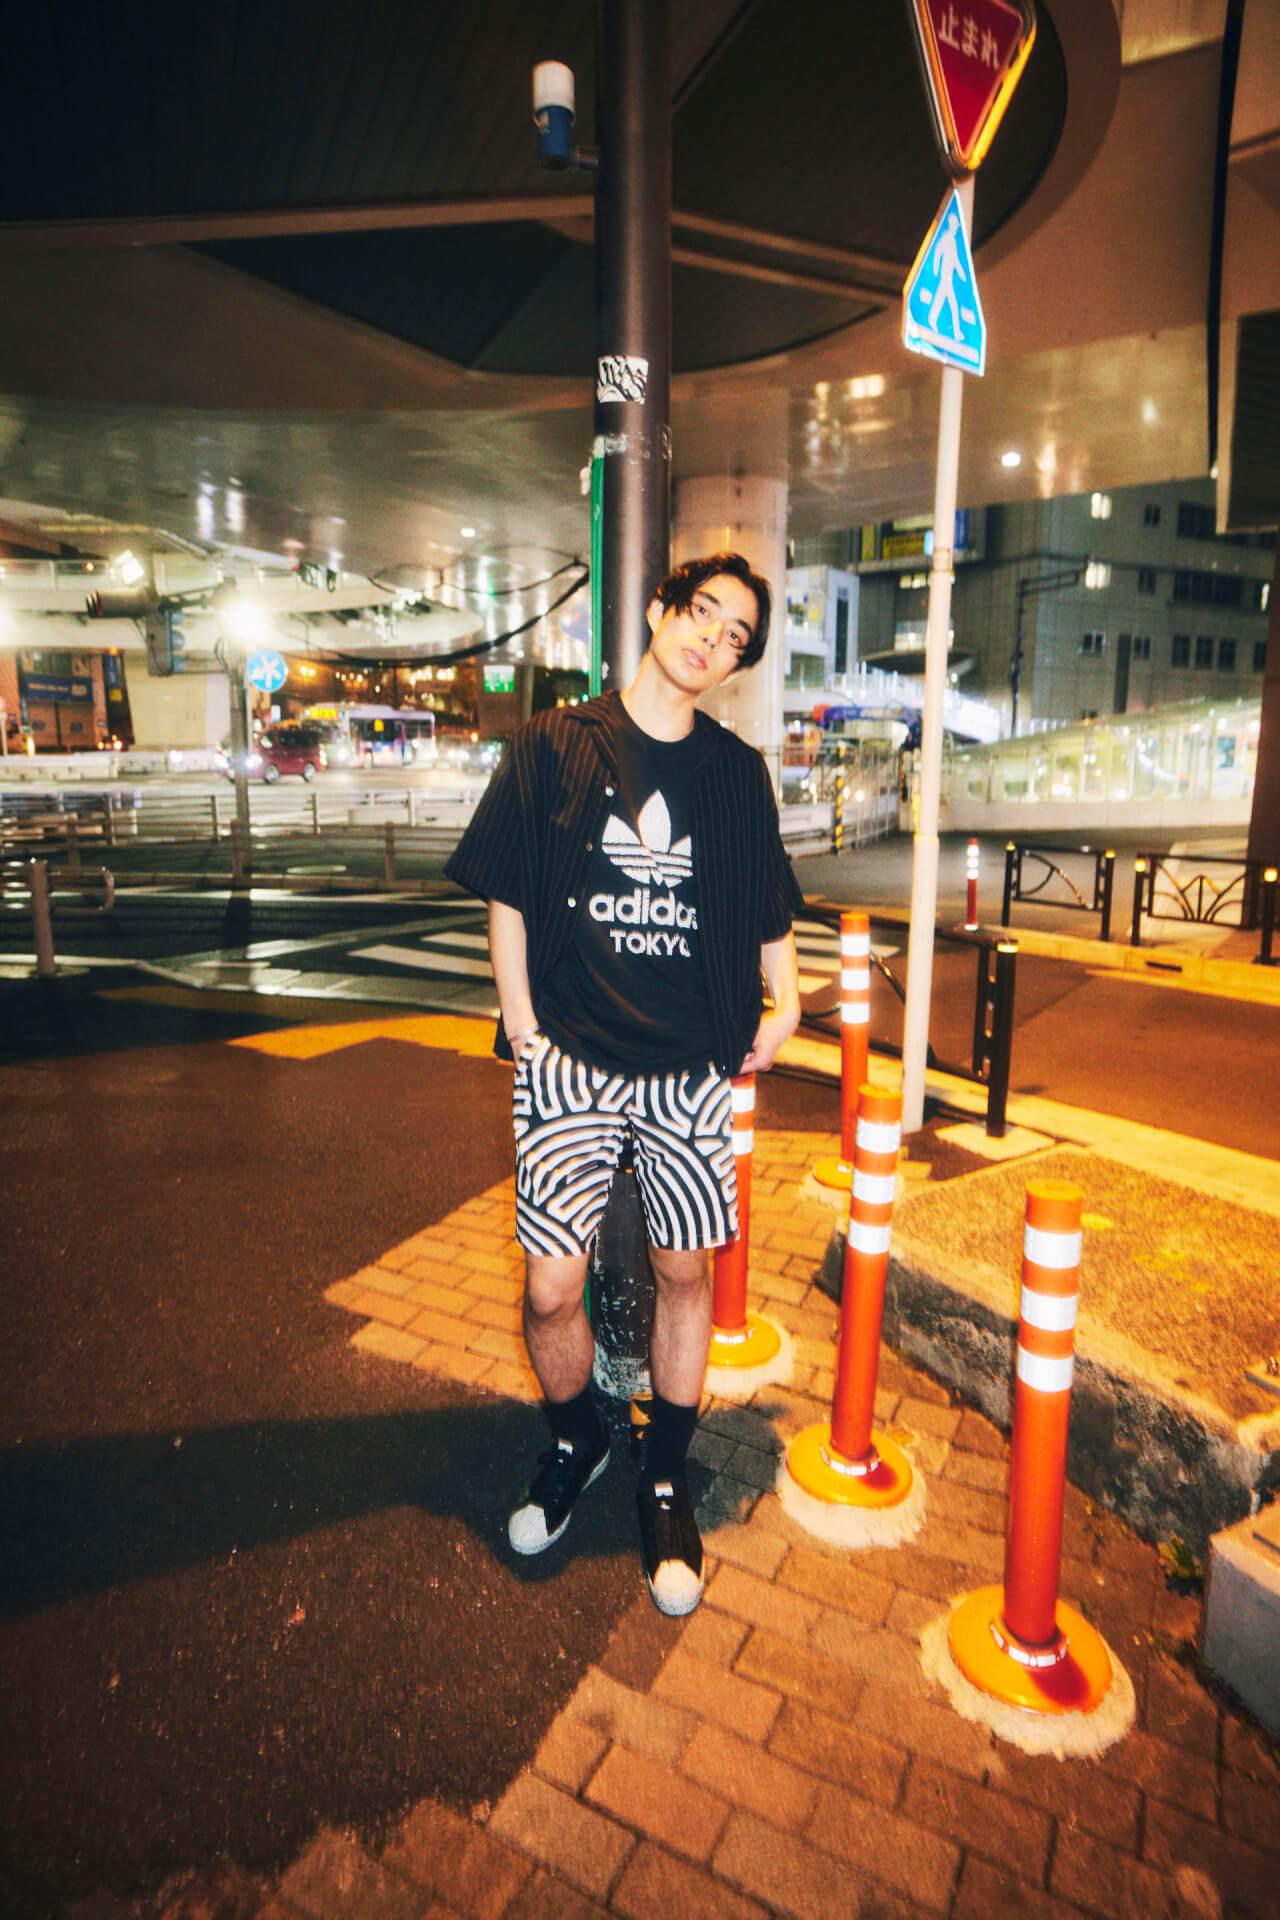 アディダス初の法被ジャケットと浴衣ジャケットが登場!高橋理子とのコラボコレクション『HIROKO TAKAHASHI COLLECTION』が販売開始 music210611_adidas6